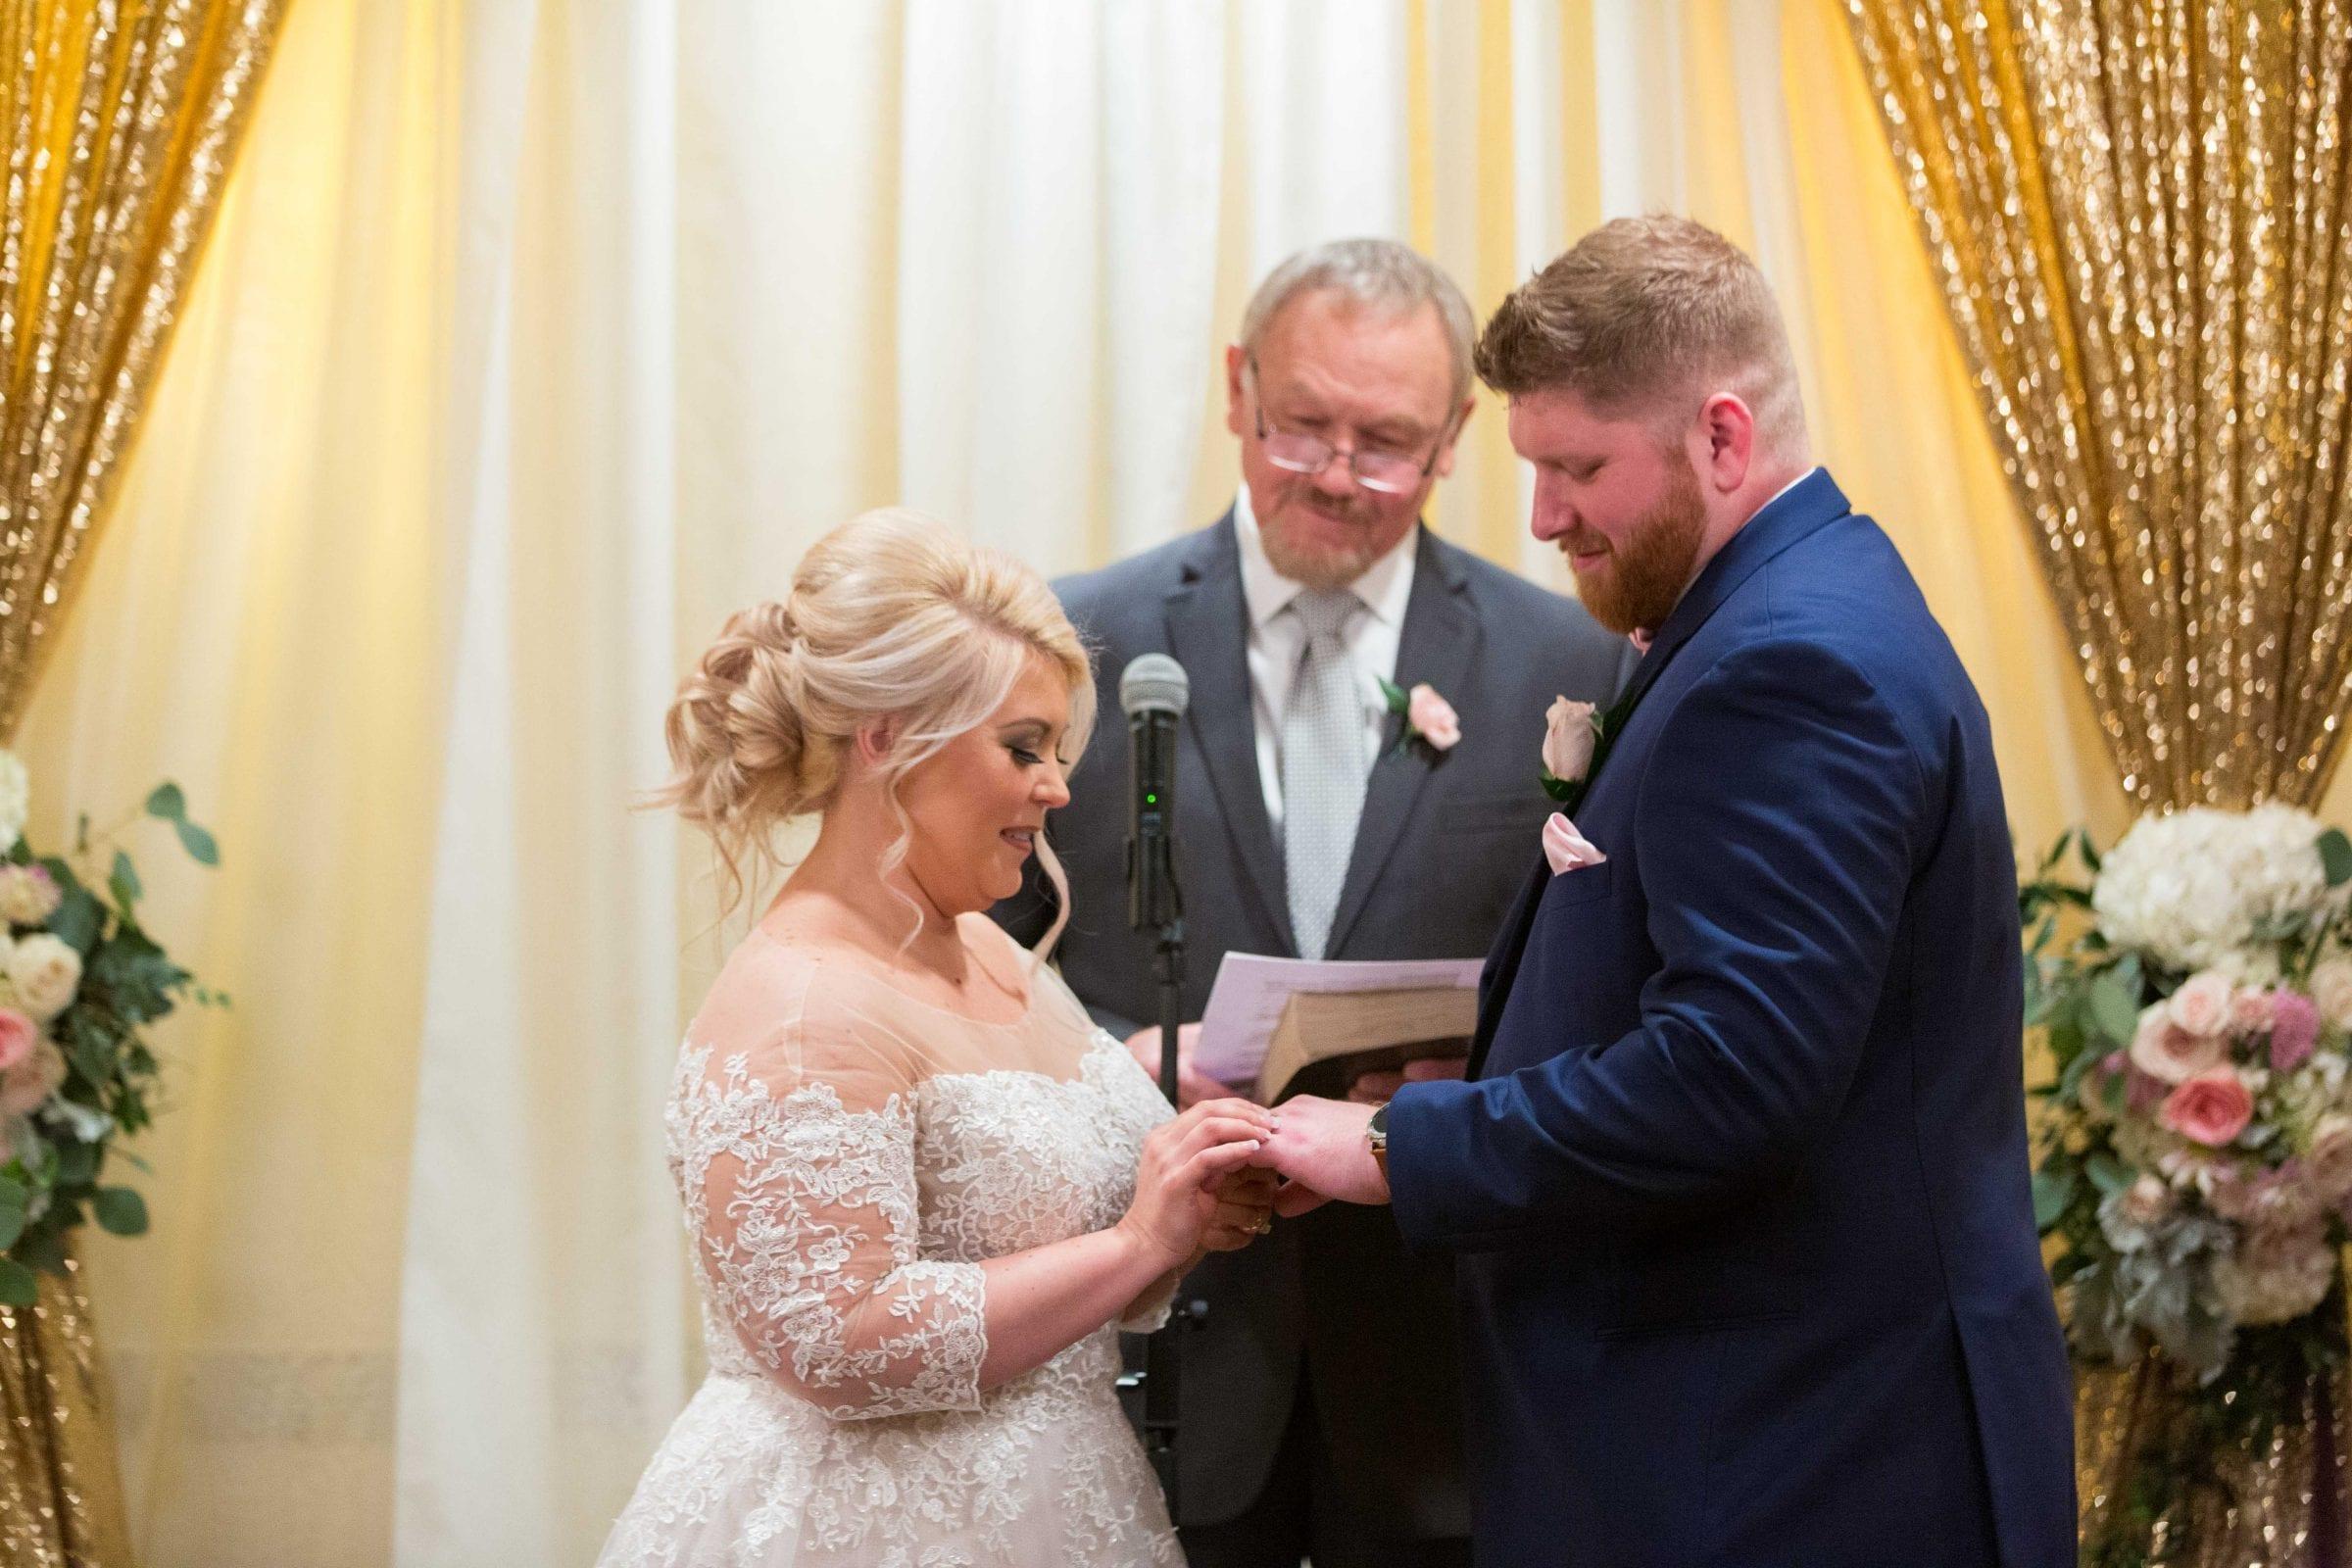 Crawford wedding Omni Del Mansion riverwalk ring exchange her